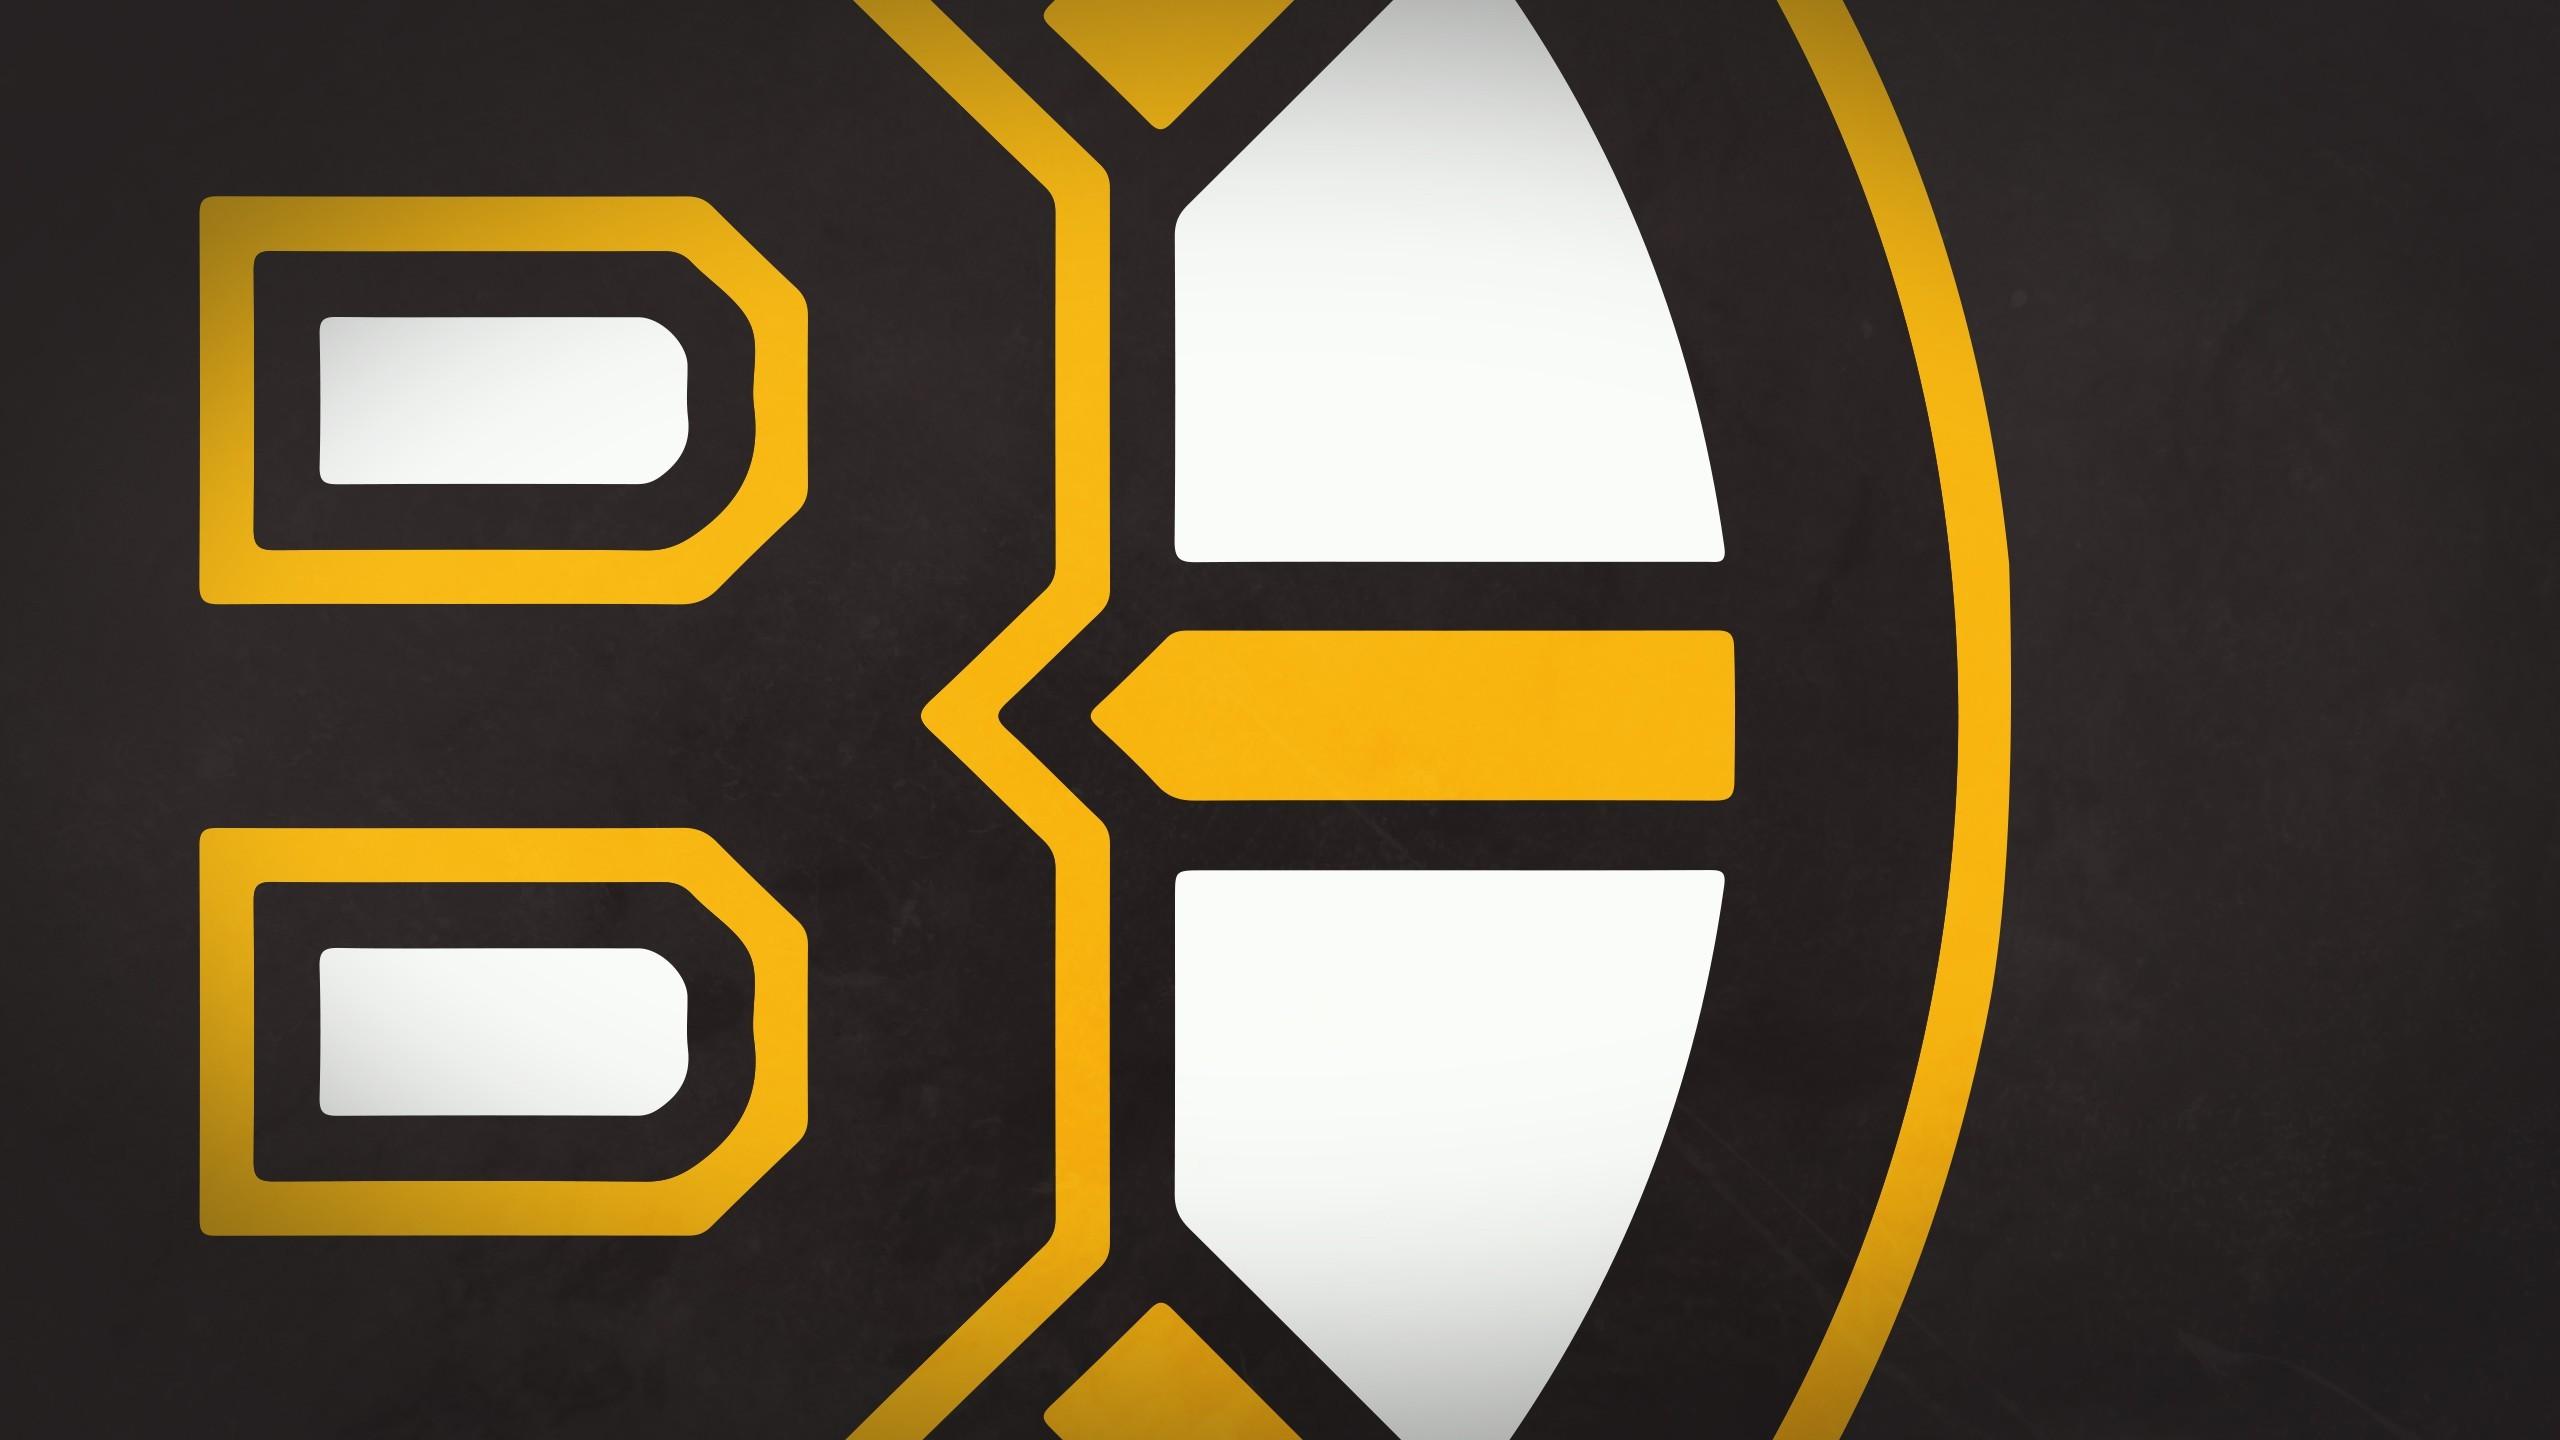 Boston Bruins Phone Wallpaper (65+ images)